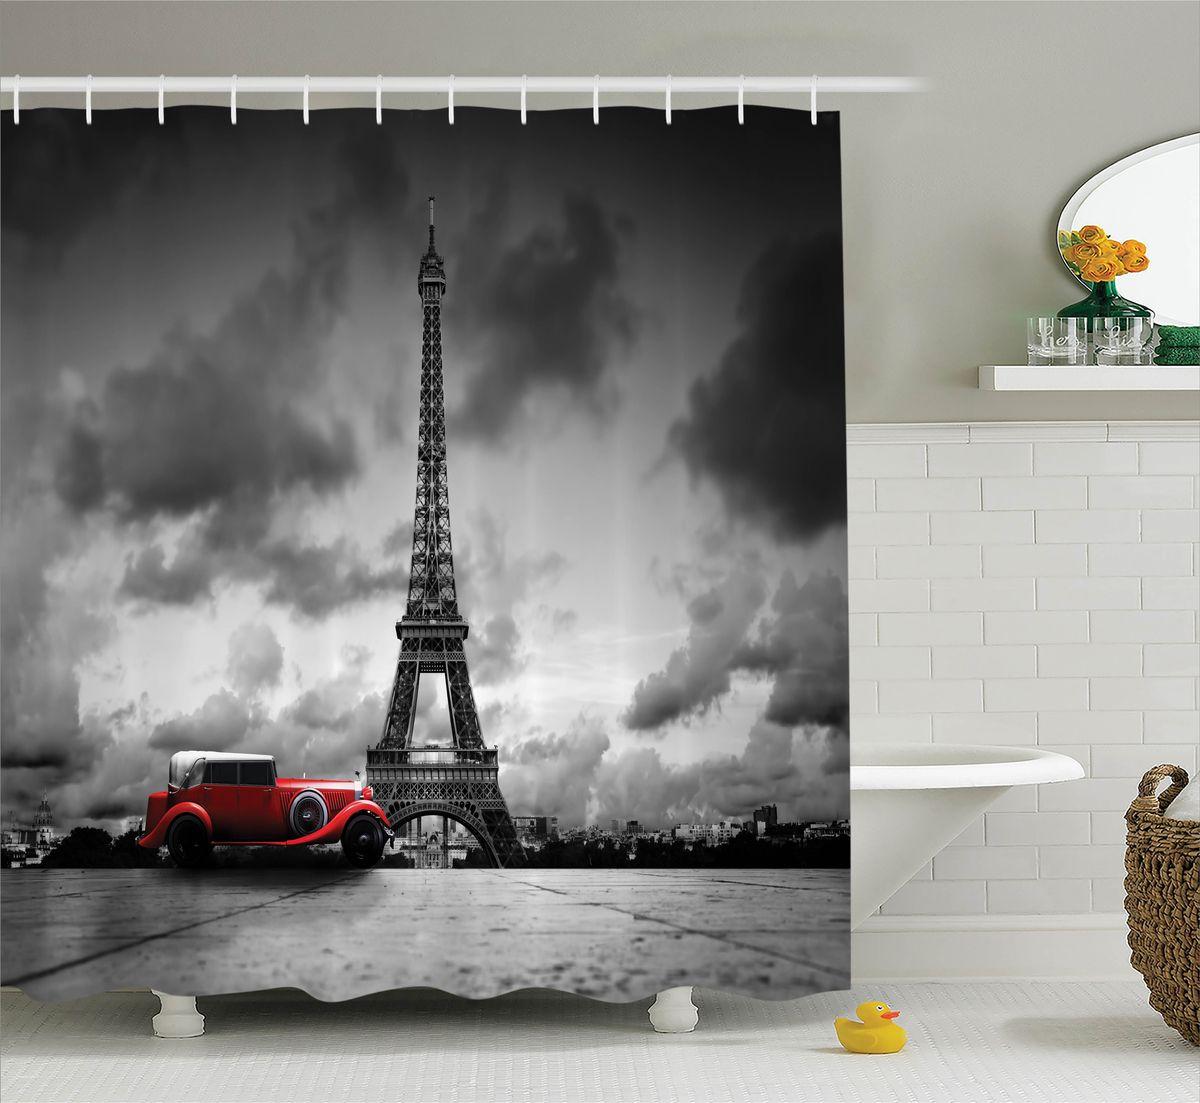 Штора для ванной комнаты Magic Lady Пасмурный день в Париже, 180 х 200 см55310Штора Magic Lady Пасмурный день в Париже, изготовленная из высококачественного сатена (полиэстер 100%), отлично дополнит любой интерьер ванной комнаты. При изготовлении используются специальные гипоаллергенные чернила для прямой печати по ткани, безопасные для человека.В комплекте: 1 штора, 12 крючков. Обращаем ваше внимание, фактический цвет изделия может незначительно отличаться от представленного на фото.